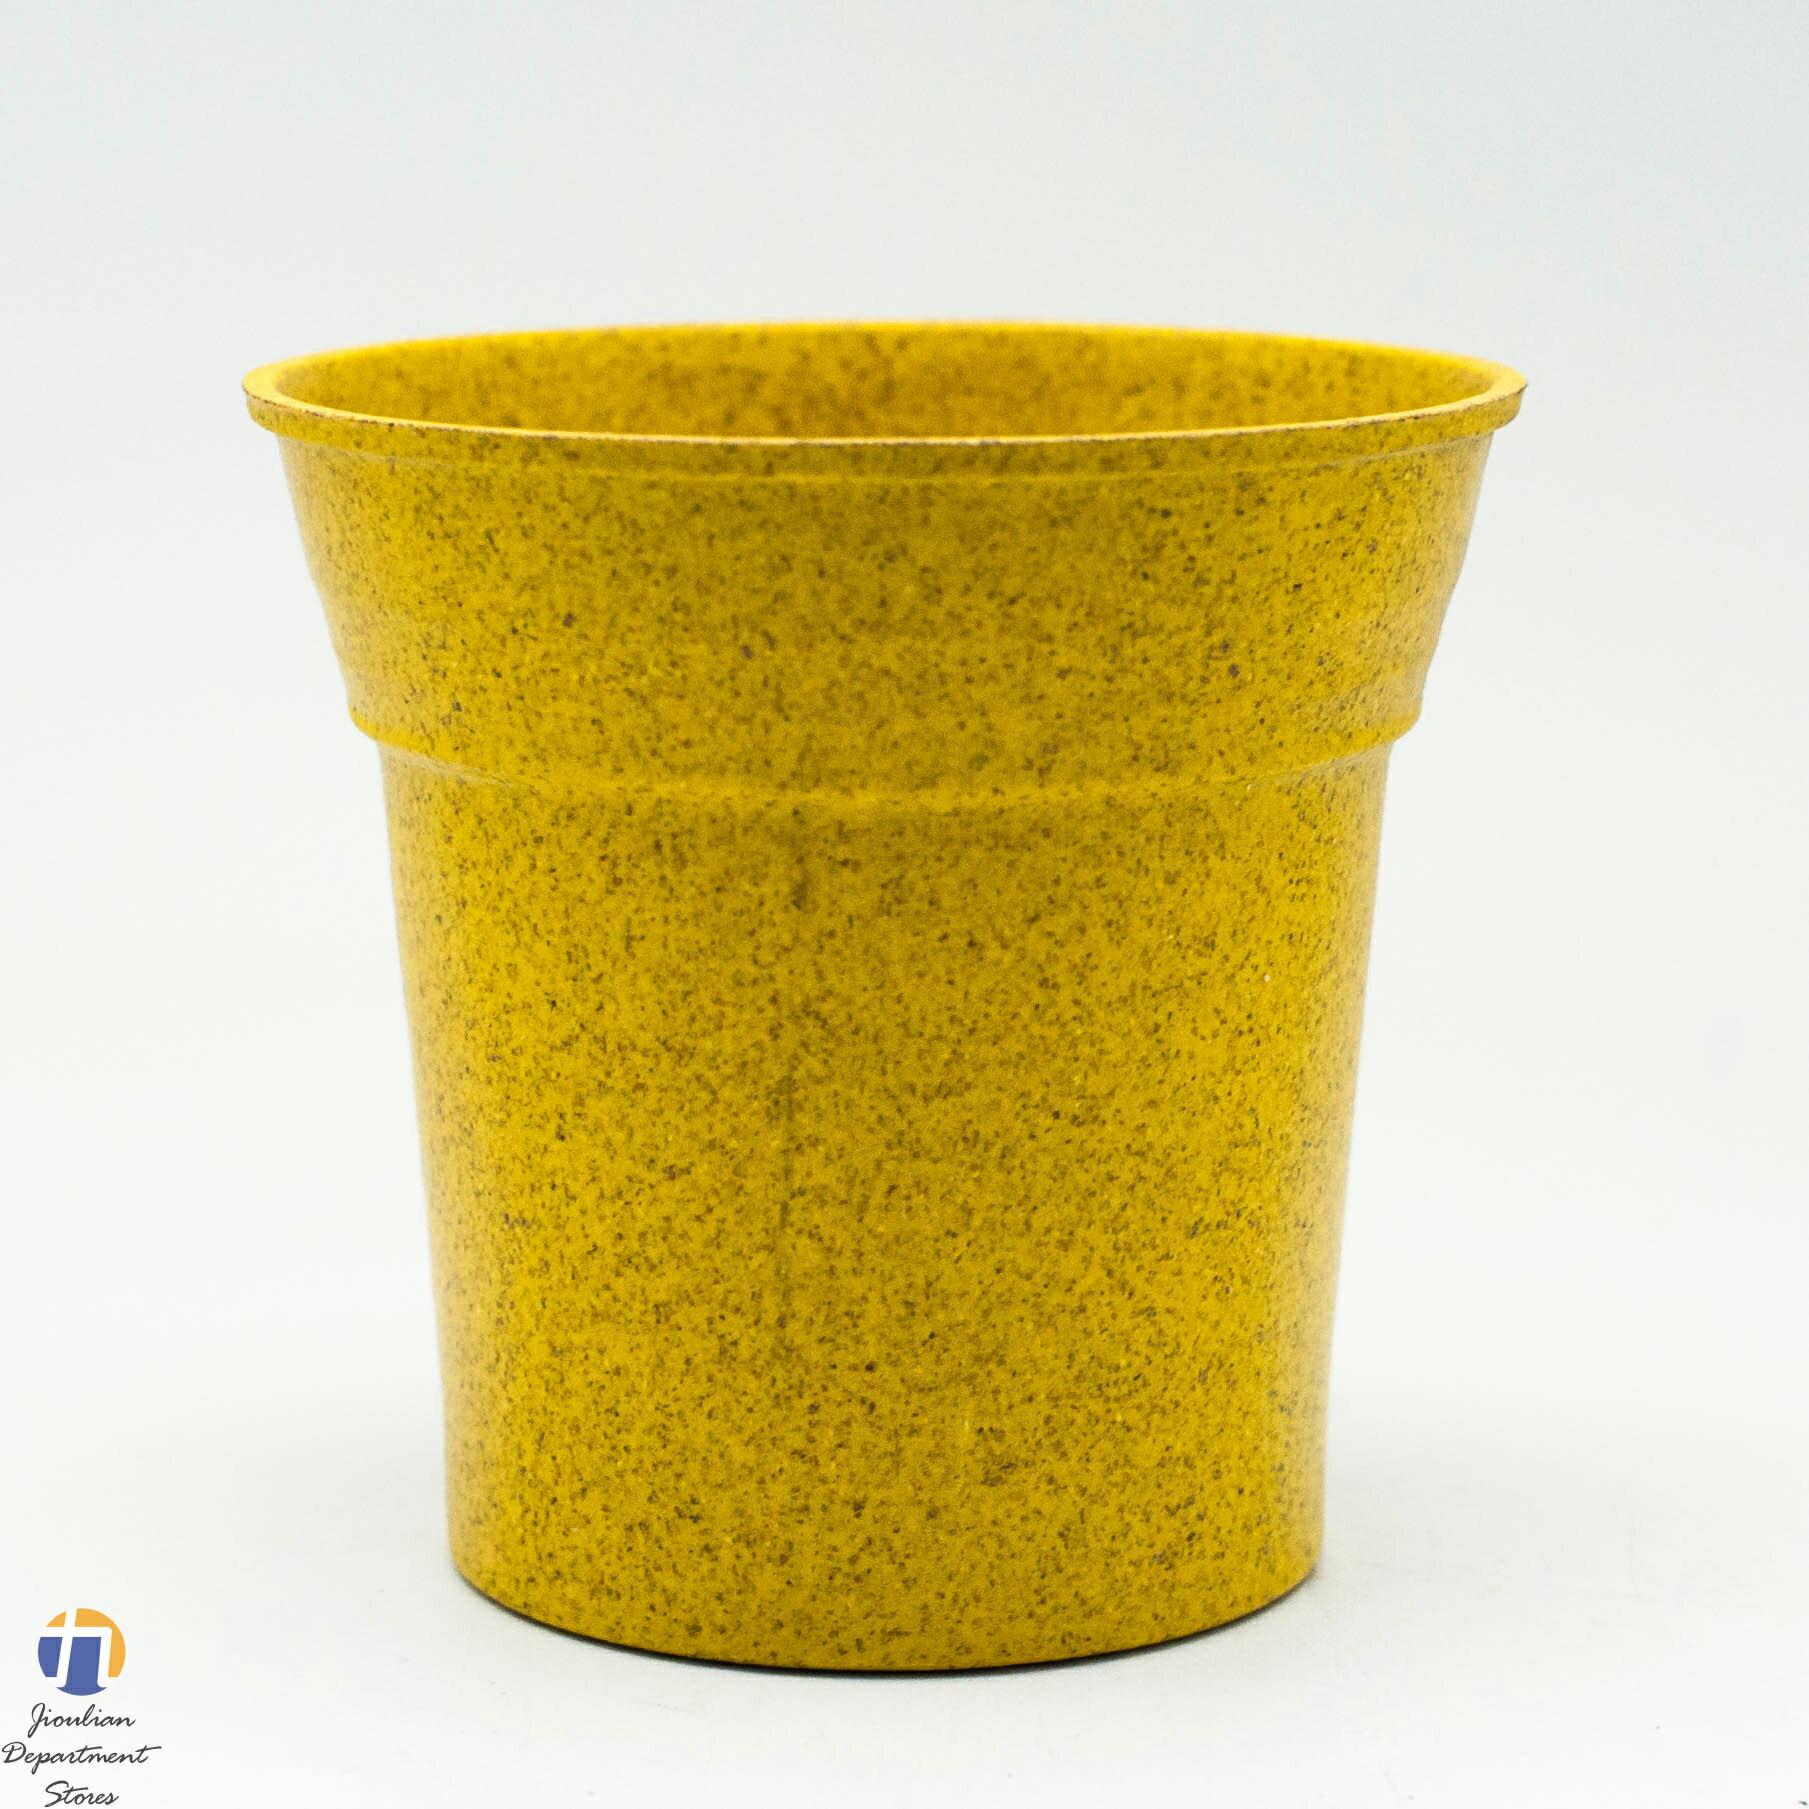 {九聯百貨} 5色 馬卡龍 家飾籃 造型花盆 (圓型造型) 桌上盆 塑膠花盆 無底洞 5色